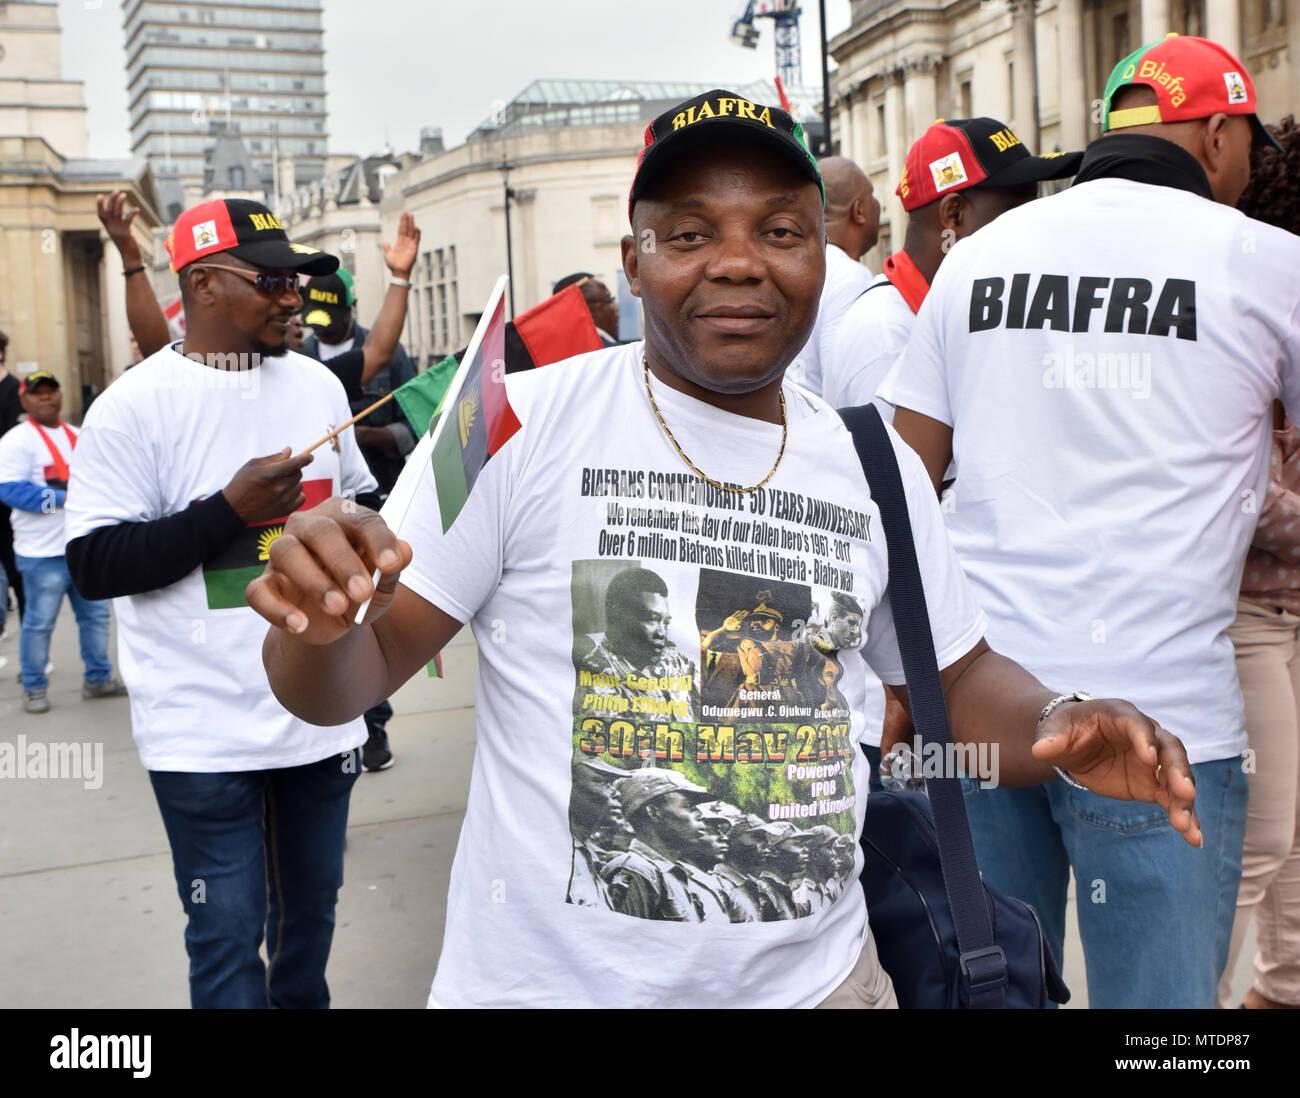 Biafrans Stock Photos & Biafrans Stock Images - Alamy